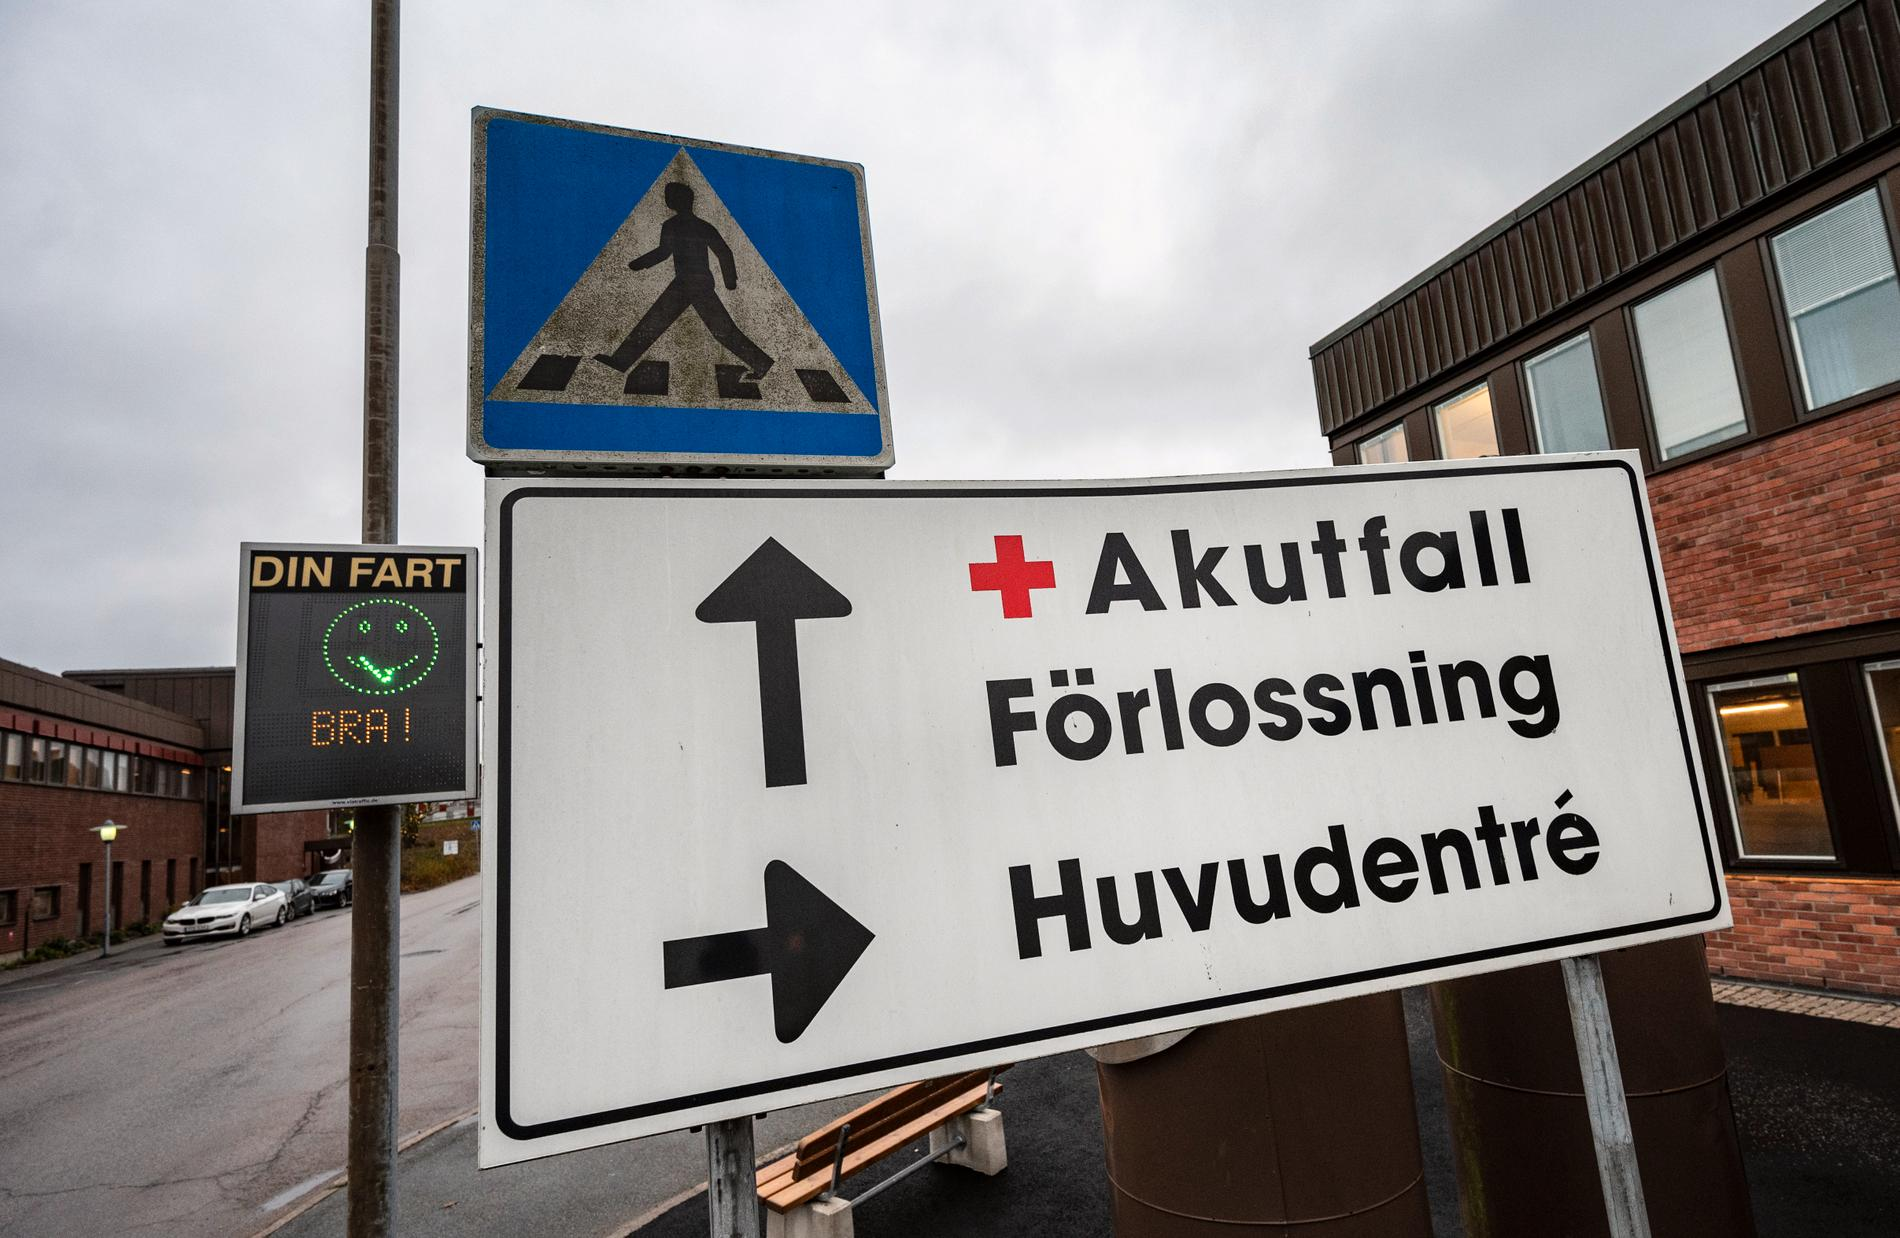 I sommar blir det ännu längre att hinna till Förlossningen i Lycksele när sjukvårdspolitikerna struntat i att planera för BB-personalens semester.